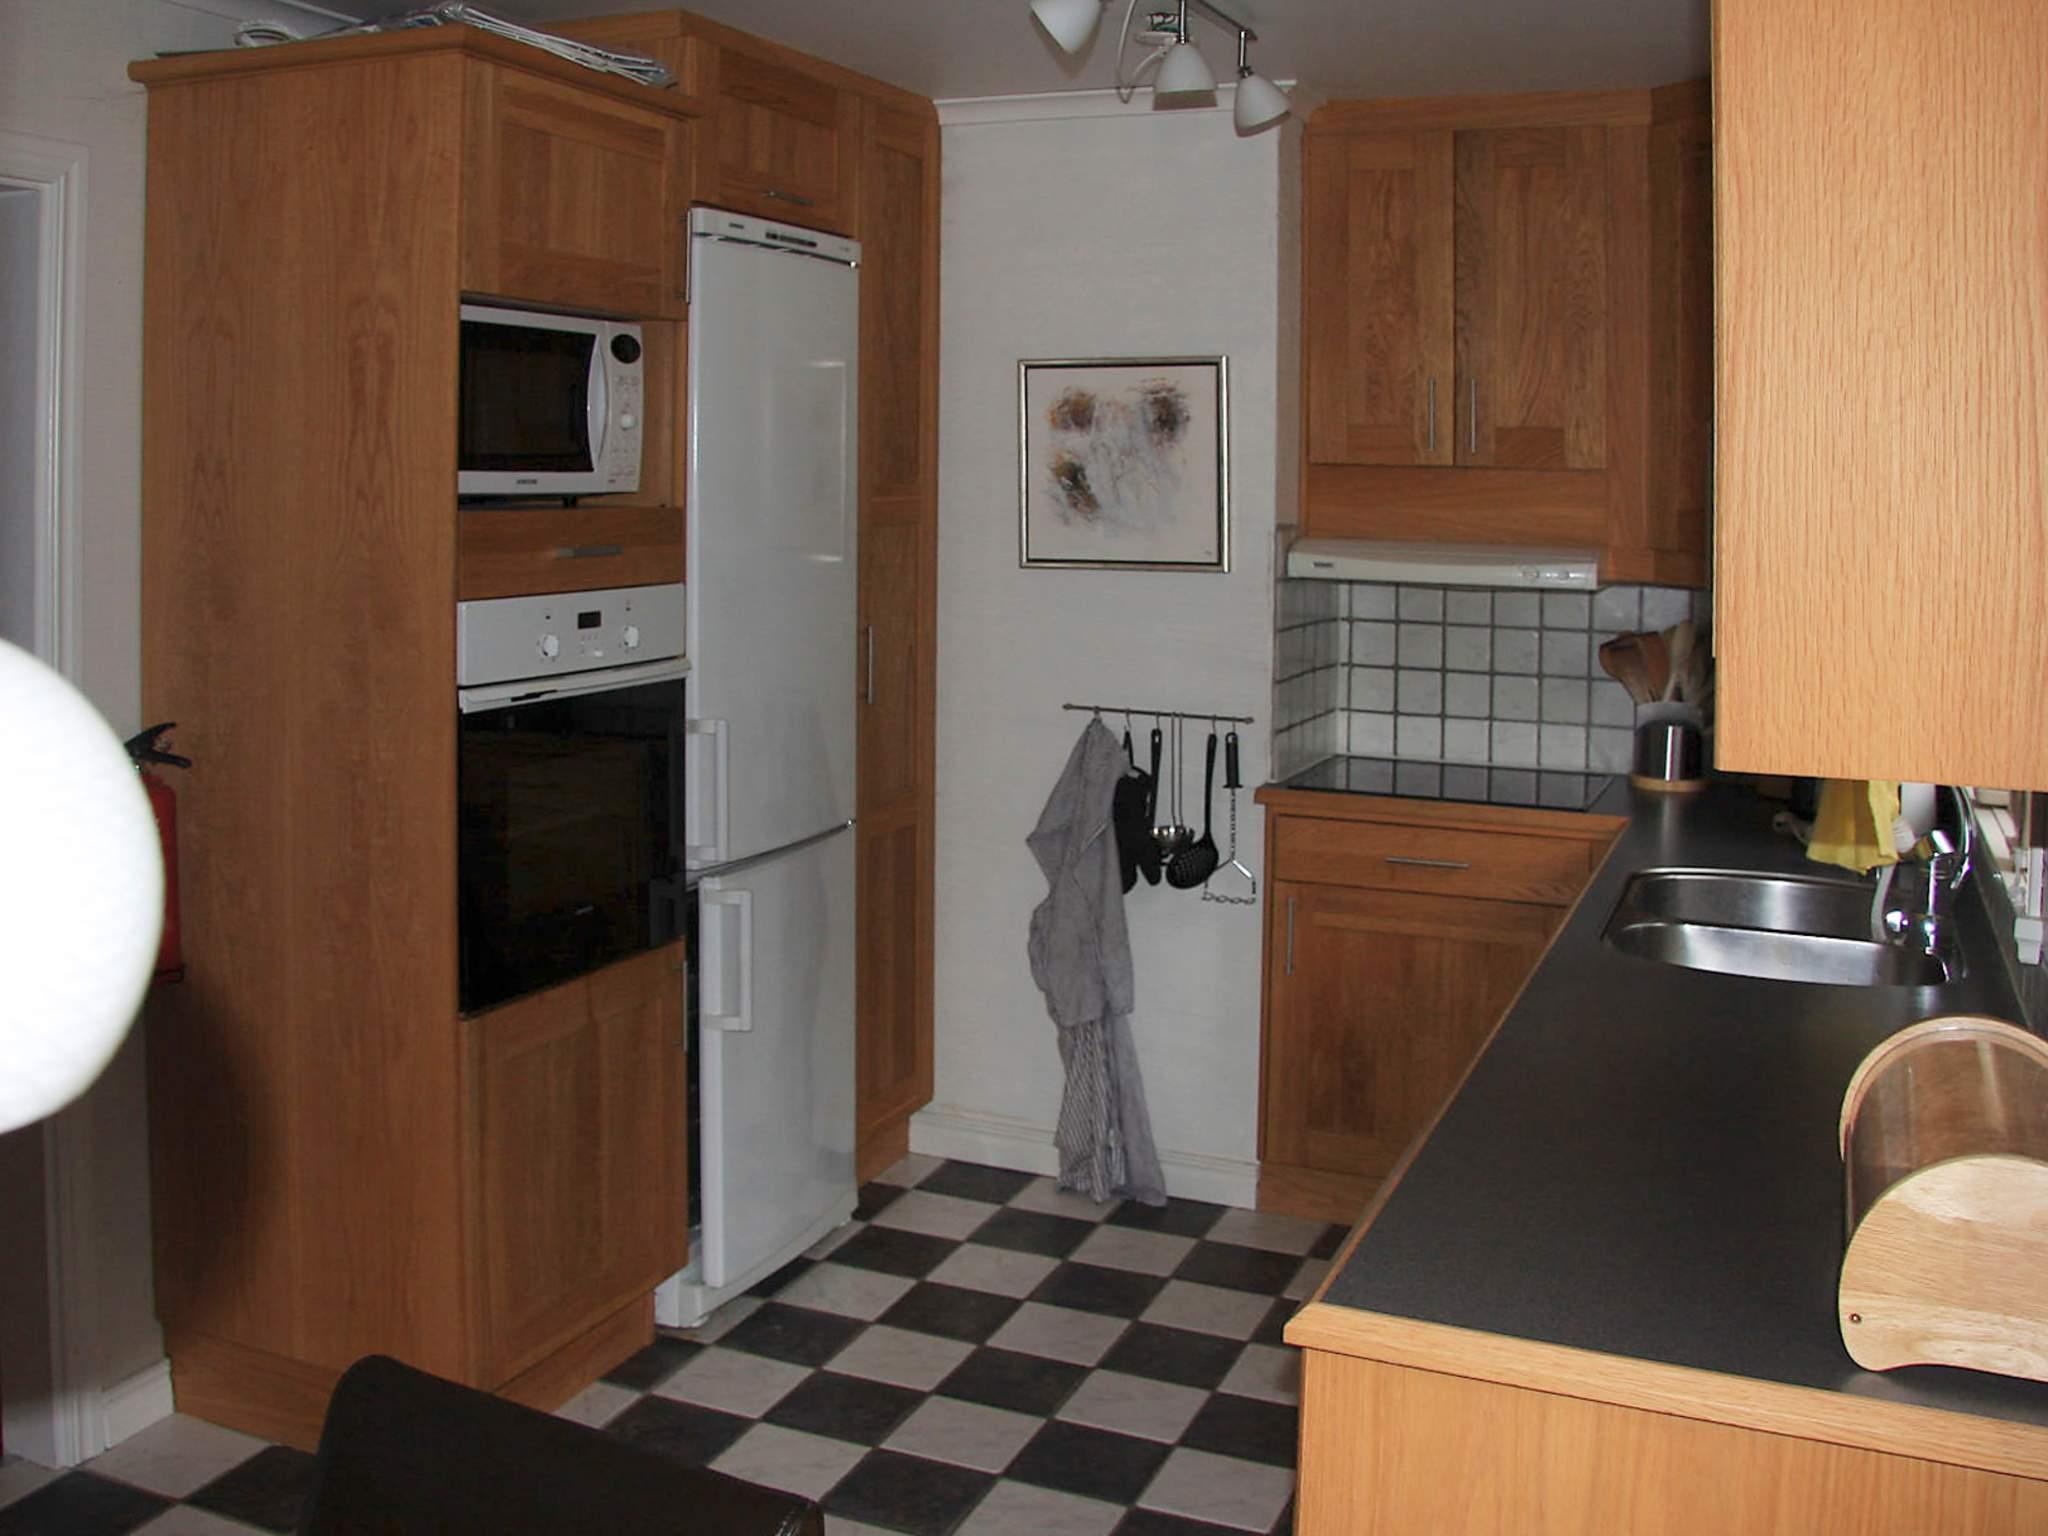 Ferienhaus Eksjö (642218), Hult, Jönköpings län, Südschweden, Schweden, Bild 6